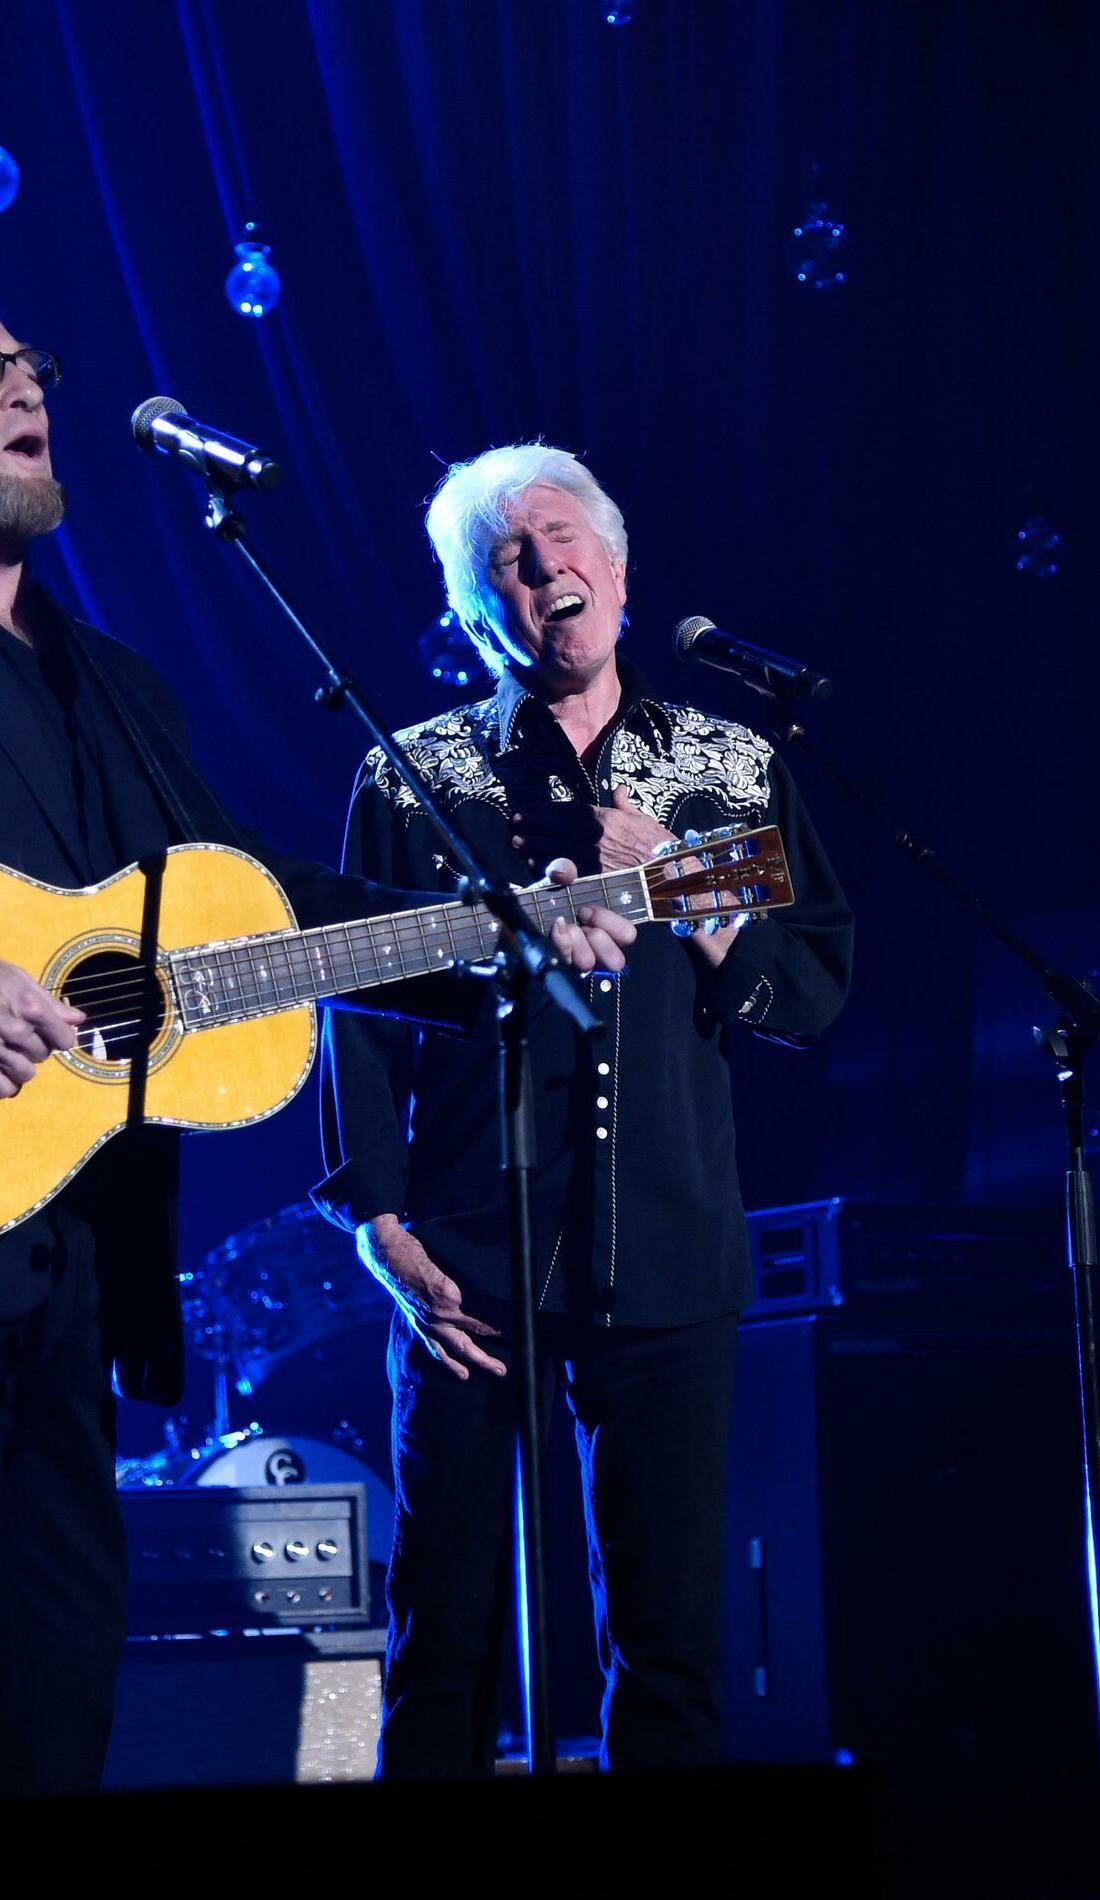 A Crosby, Stills & Nash live event